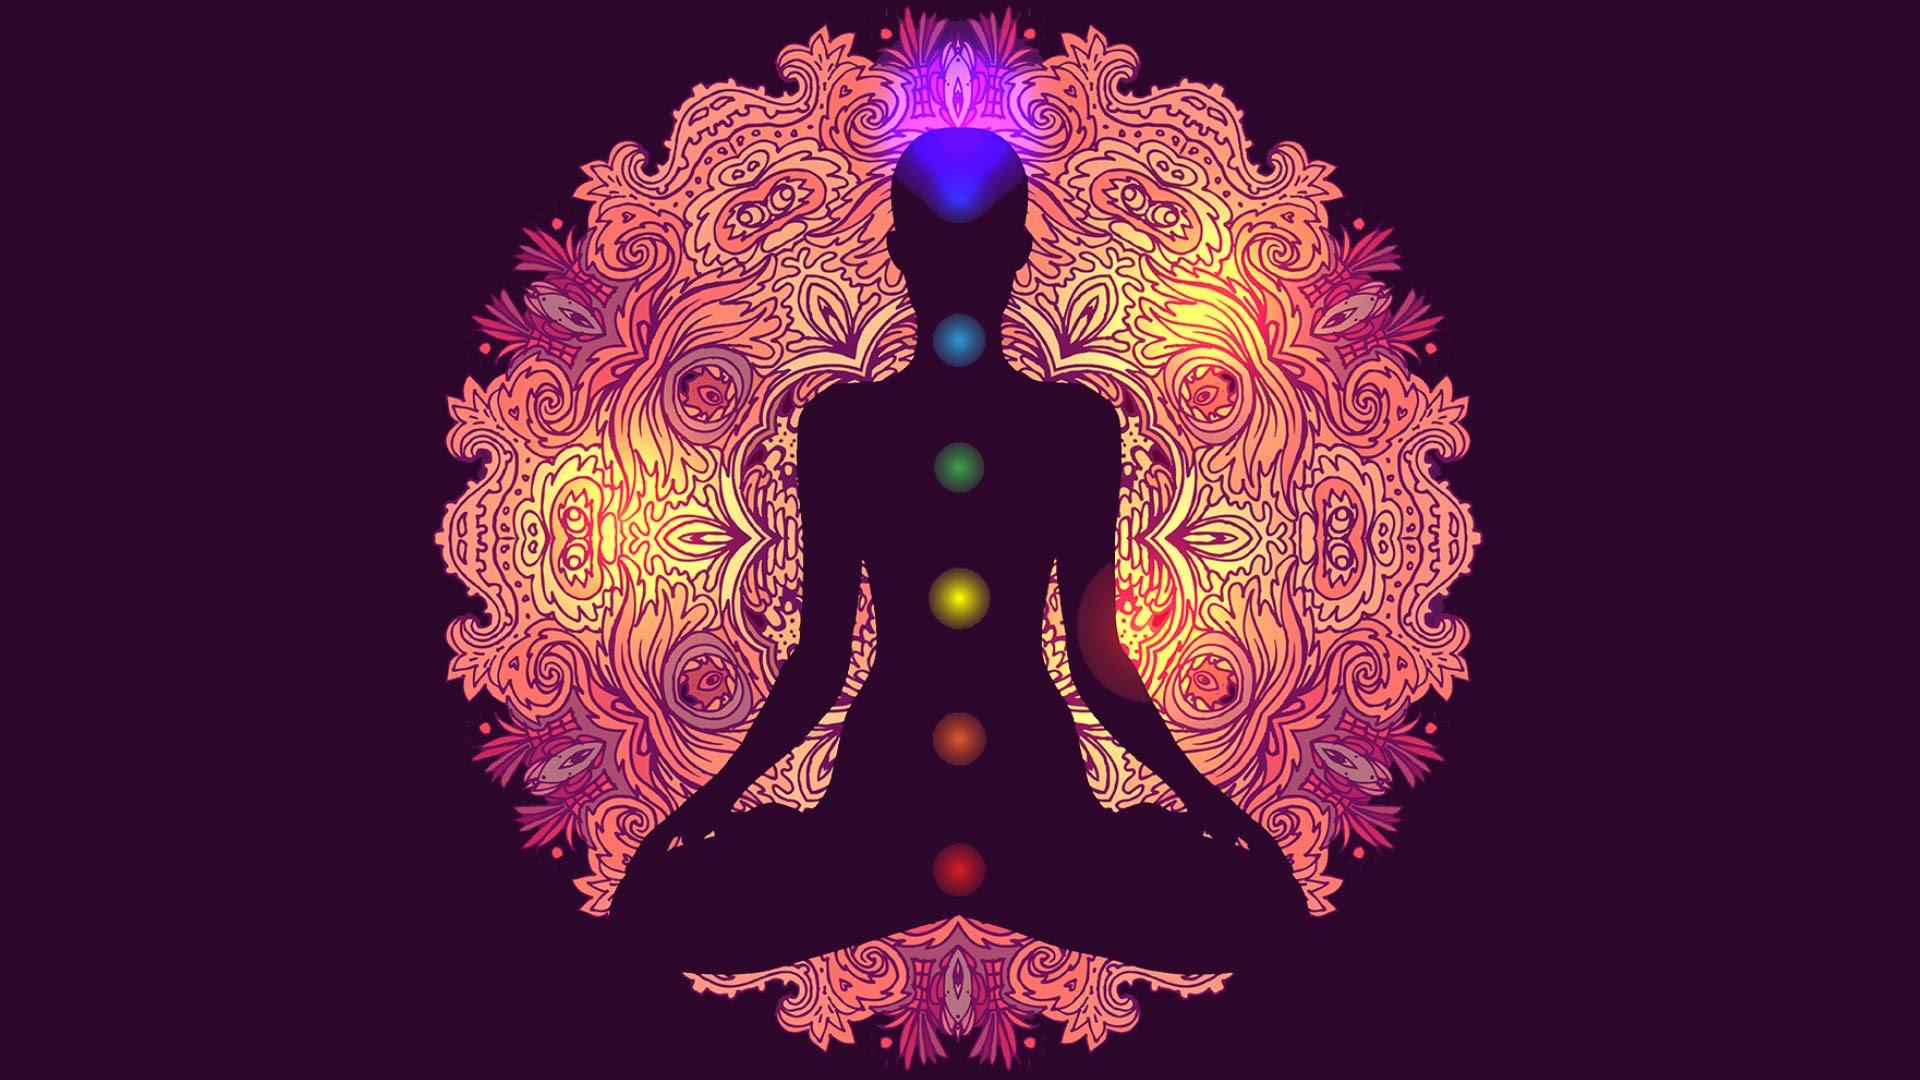 Chakra-Healing-With-Crystals.jpg